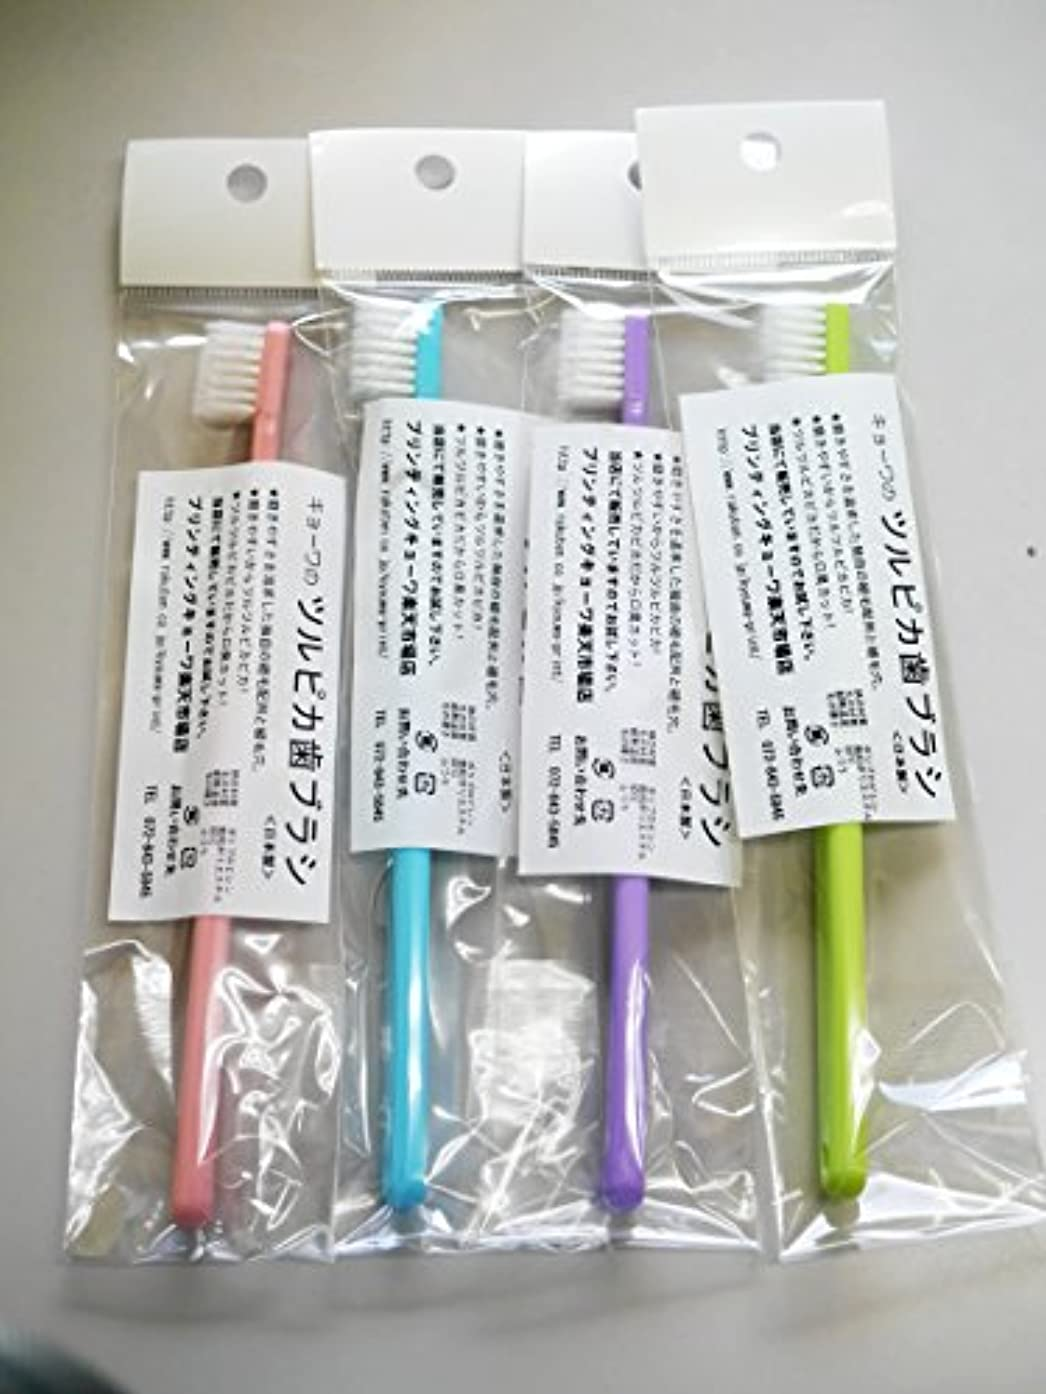 次へおとうさん相互【株式会社キョーワ】 日本製 キョーワのツルピカ歯ブラシ4本セット (4色×1本)